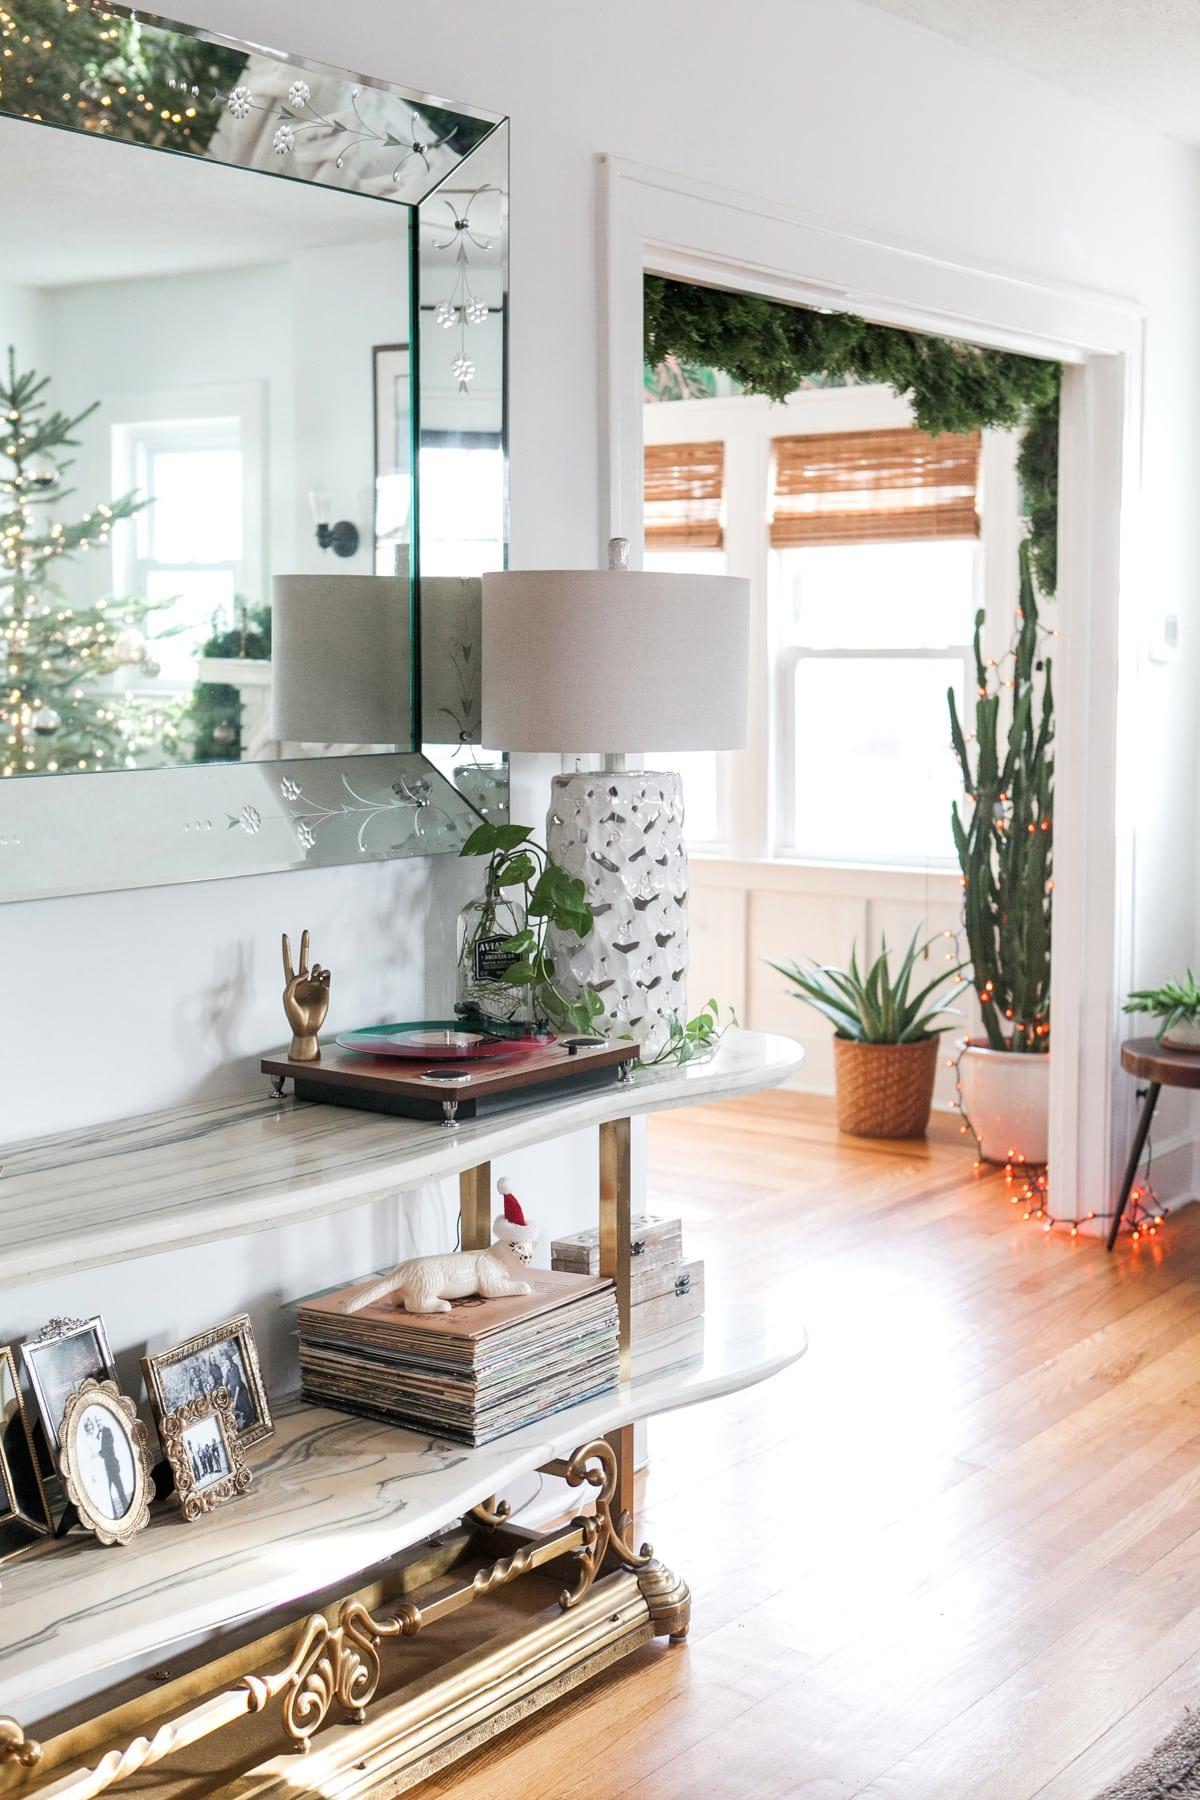 Eclectic Home Tour Winter 2017 | Boho Glam Christmas Decor | Jessica Brigham Blog | Magazine Ready for Life